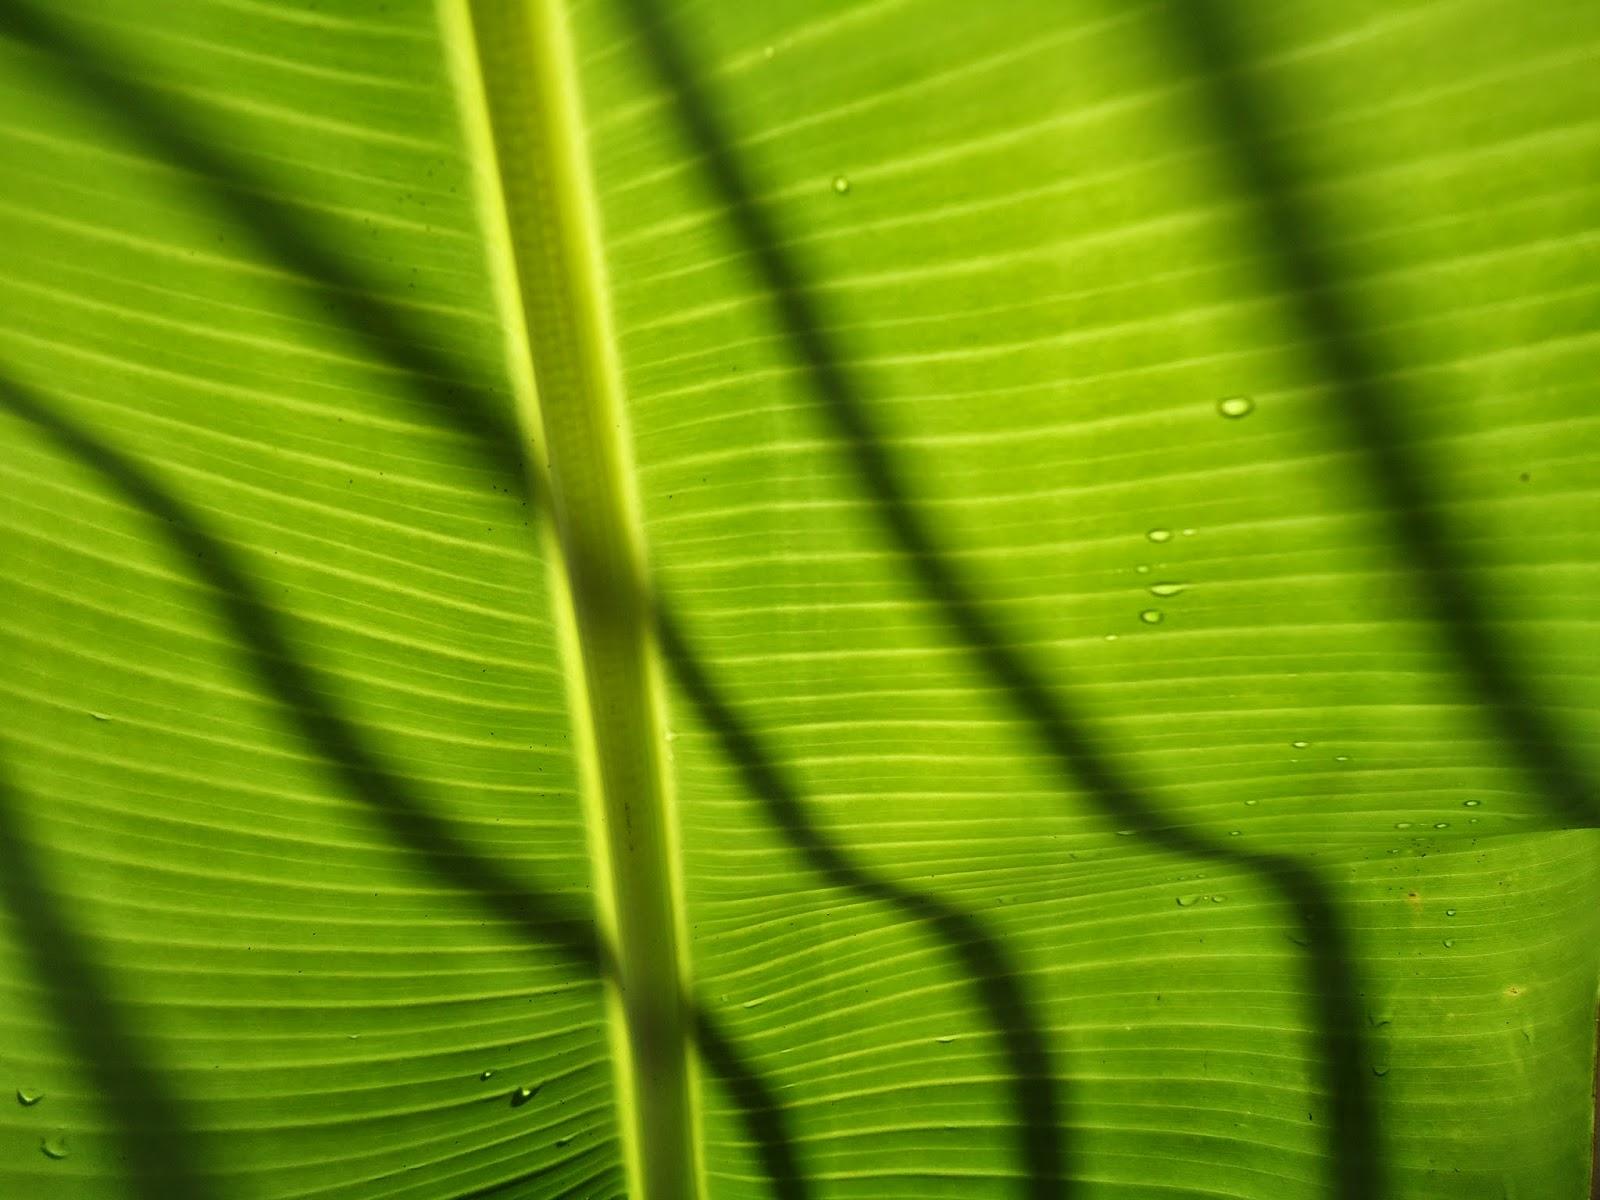 Imagem de uma bananeira em frente à sombra de uma grade.